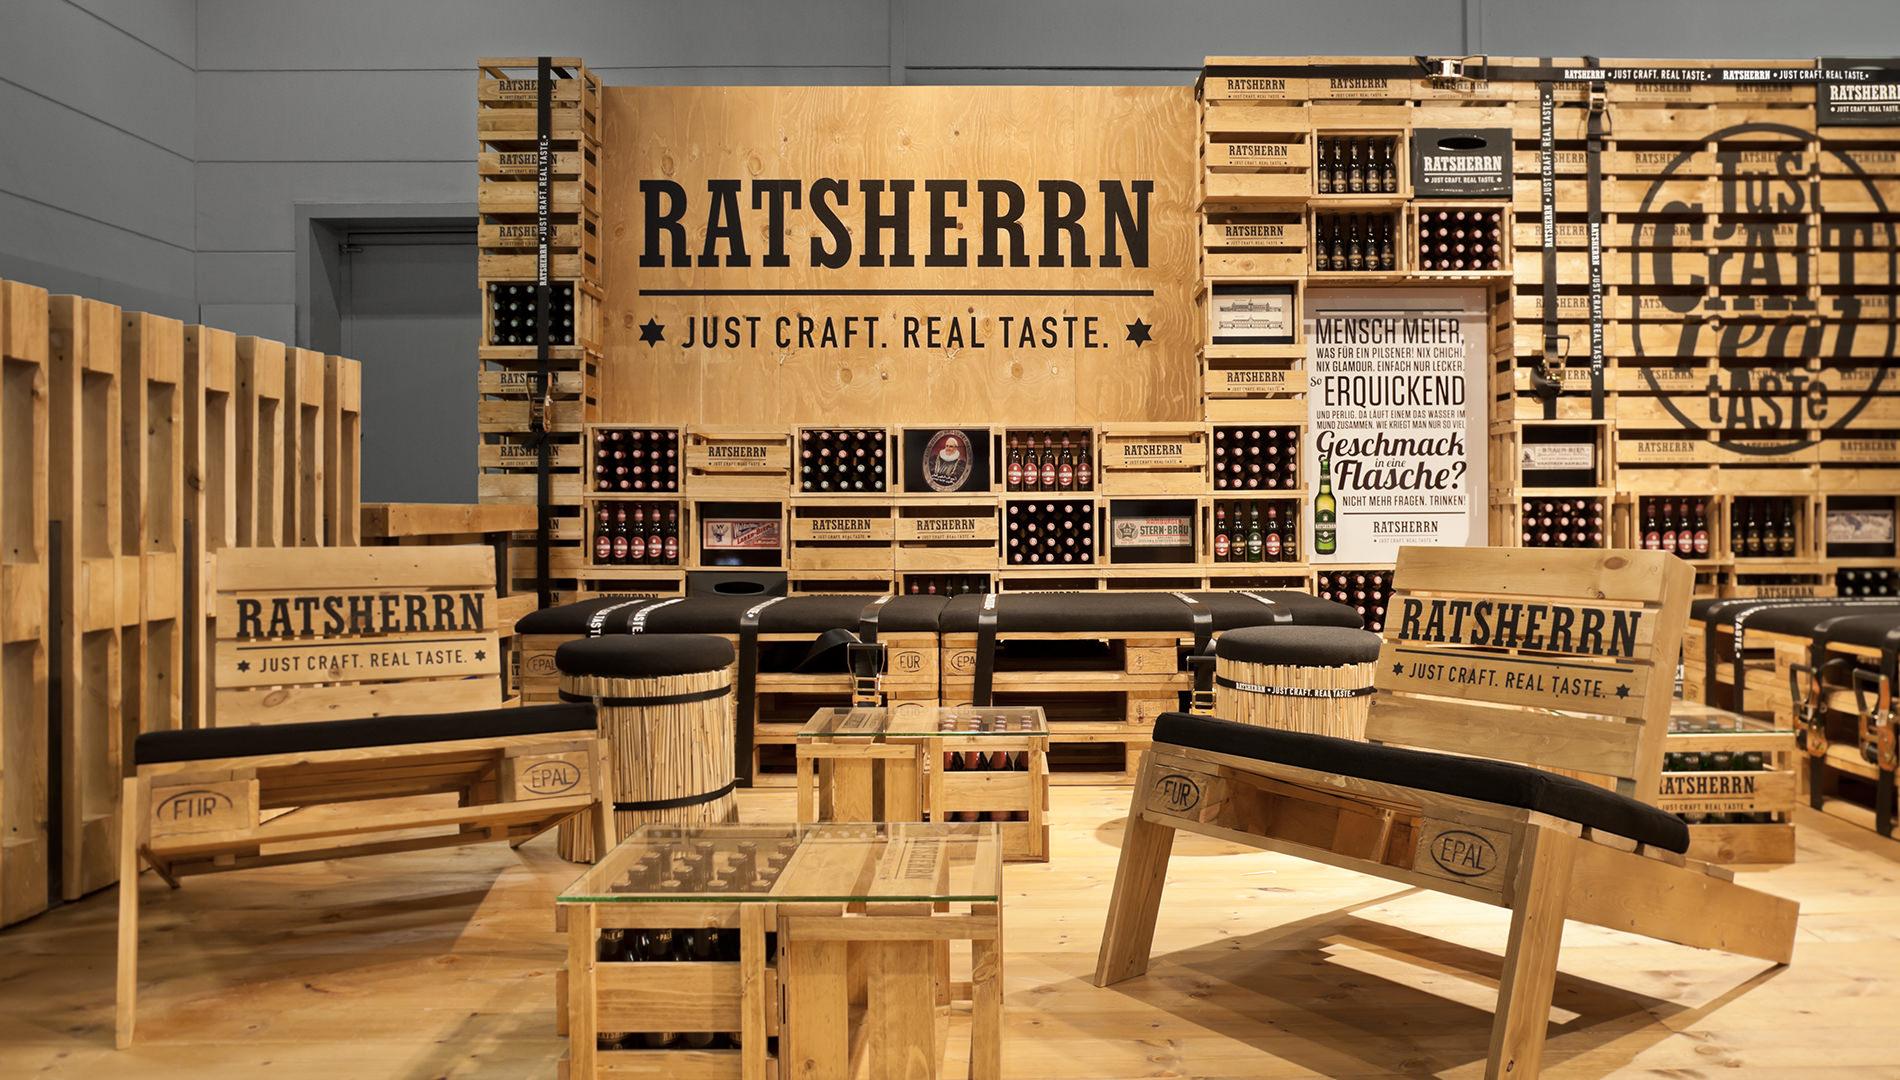 Messe Design Live Kommunikation Hamburg Internorga Ratsherrn Corporate Architecture Holzbierkästen Holzpaletten Sitzecke Going Places EventLabs